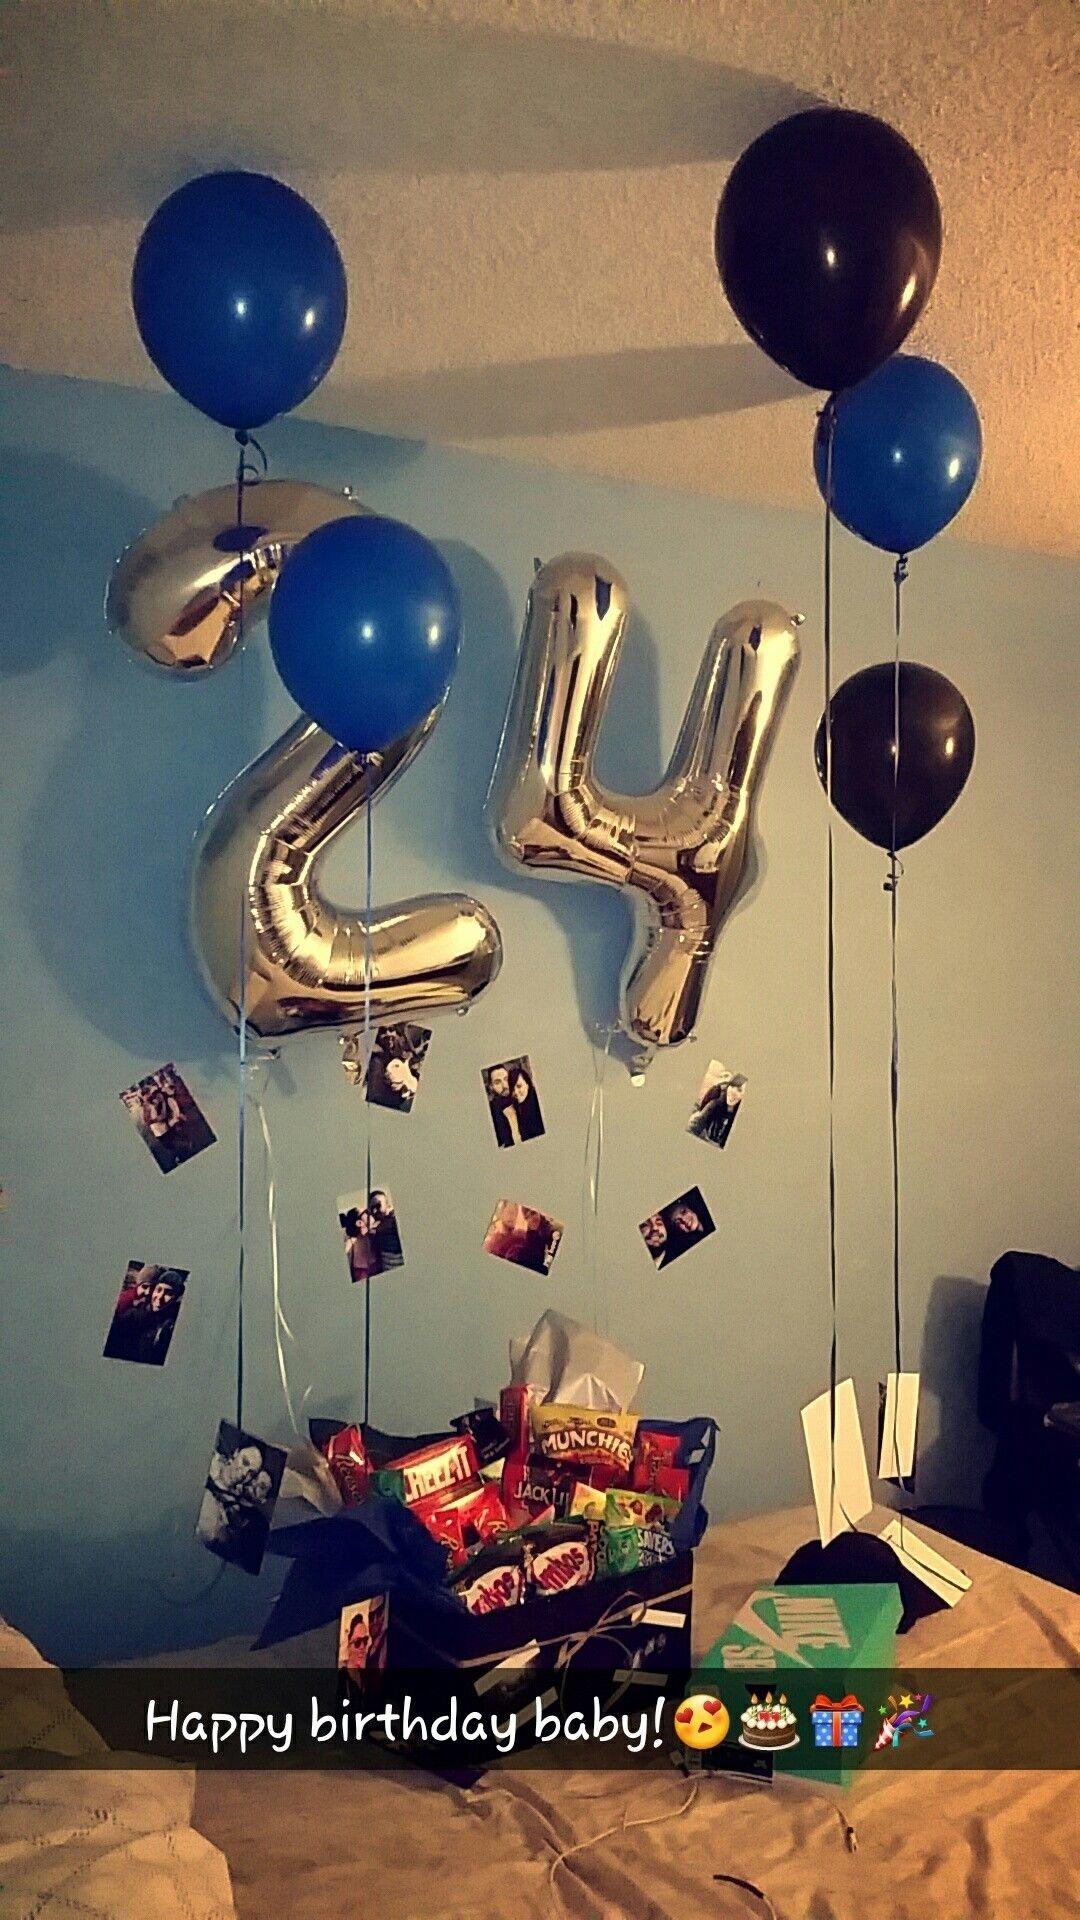 10 Stylish 25Th Birthday Party Ideas For Him 25th birthday surprise ideas for boyfriend 40th birthday party ideas 1 2020